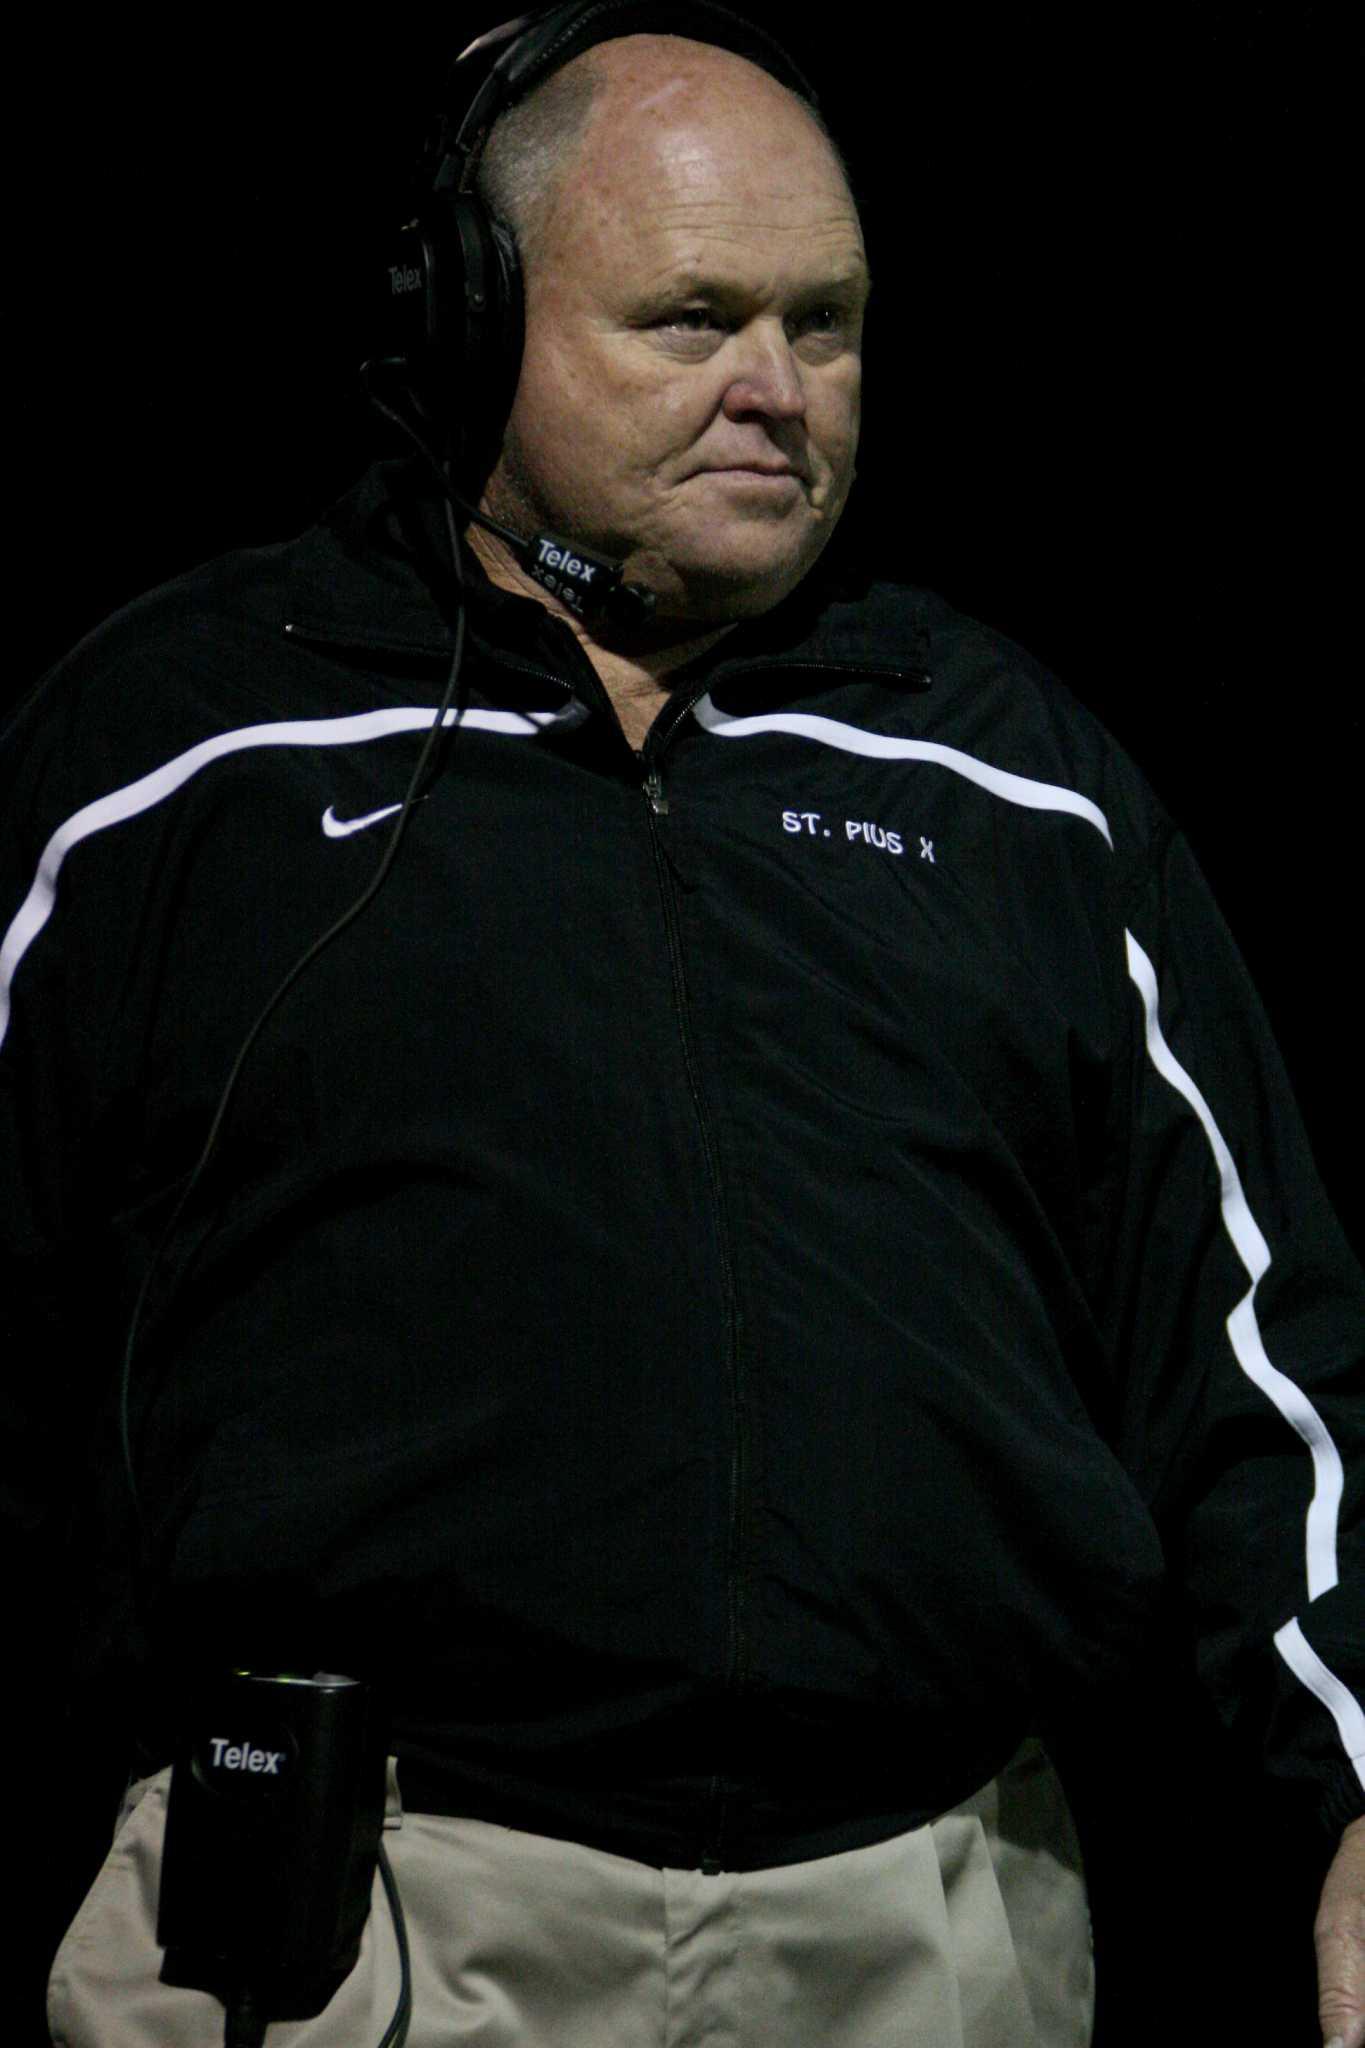 Former St. Pius X player, coach Robin Kirk dies